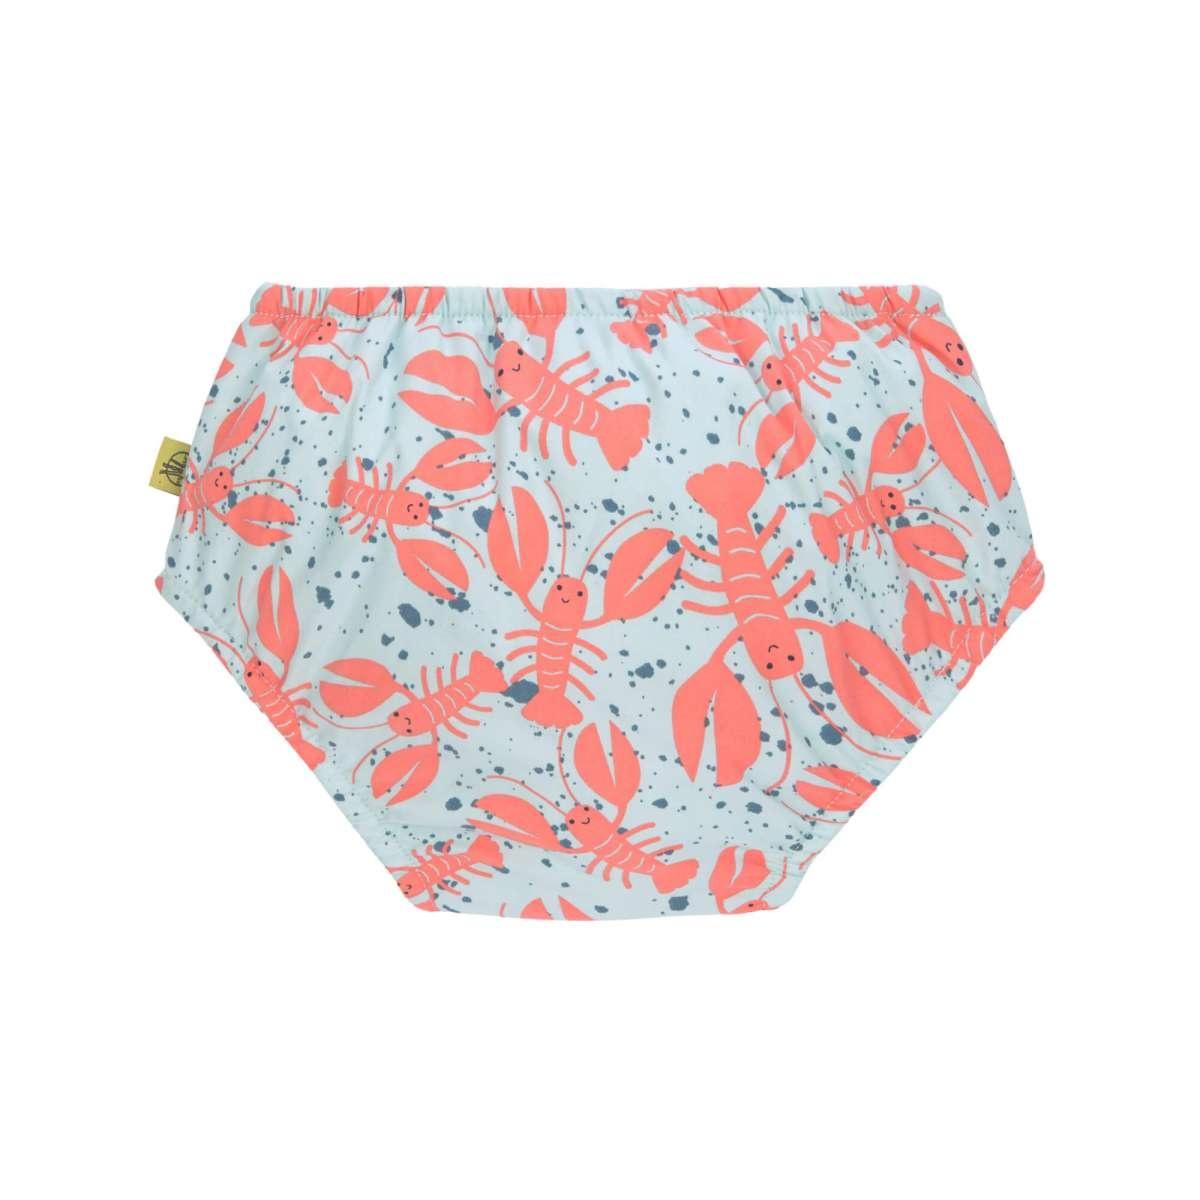 LASSIG Swim Diaper - Crawfish